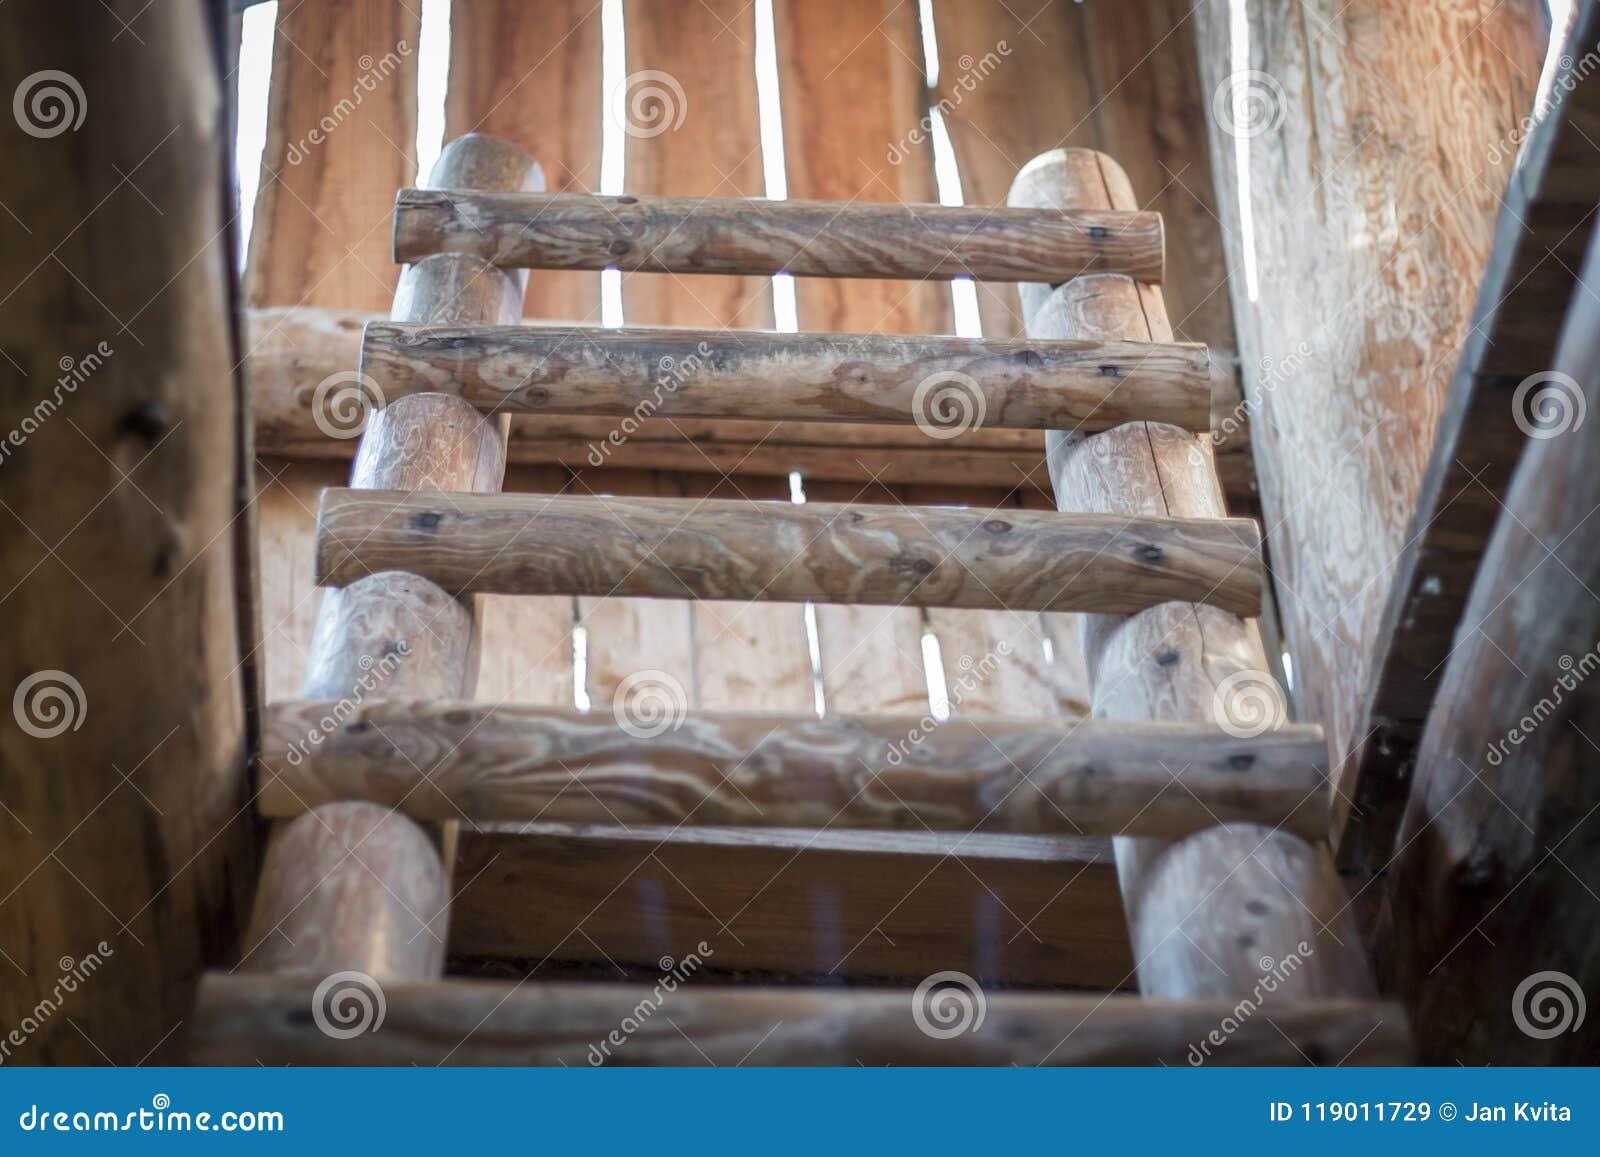 Scaletta In Legno Antica : Porta stile e calore in casa con le nostre scale in legno